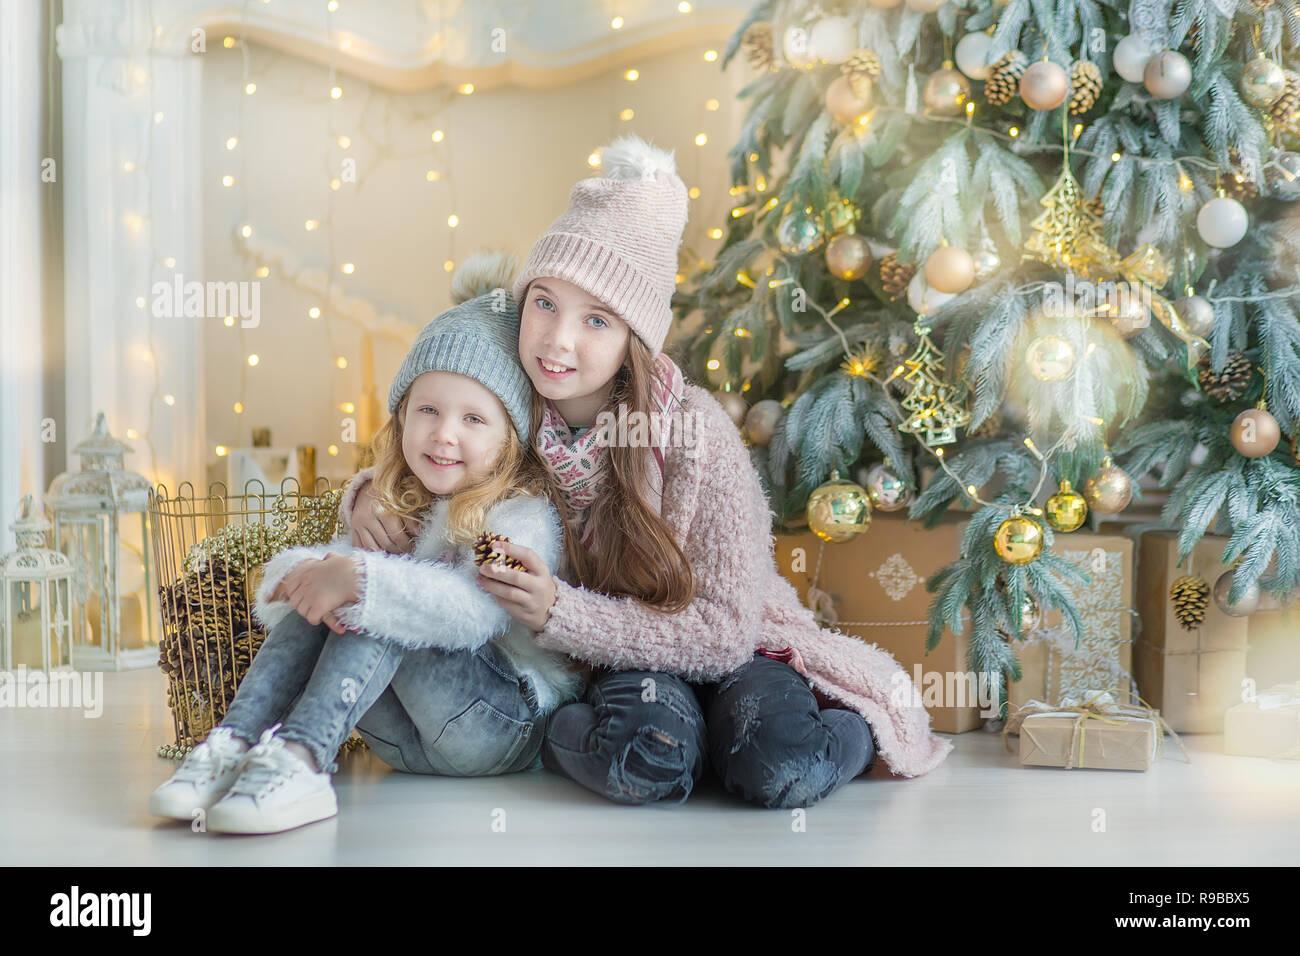 ac462e277e4f8 Deux filles super mignonnes sœurs célébrant Noël Nouvel An près d arbre de  Noël pleine de jouets dans l élégant quartier de robes avec des bonbons.